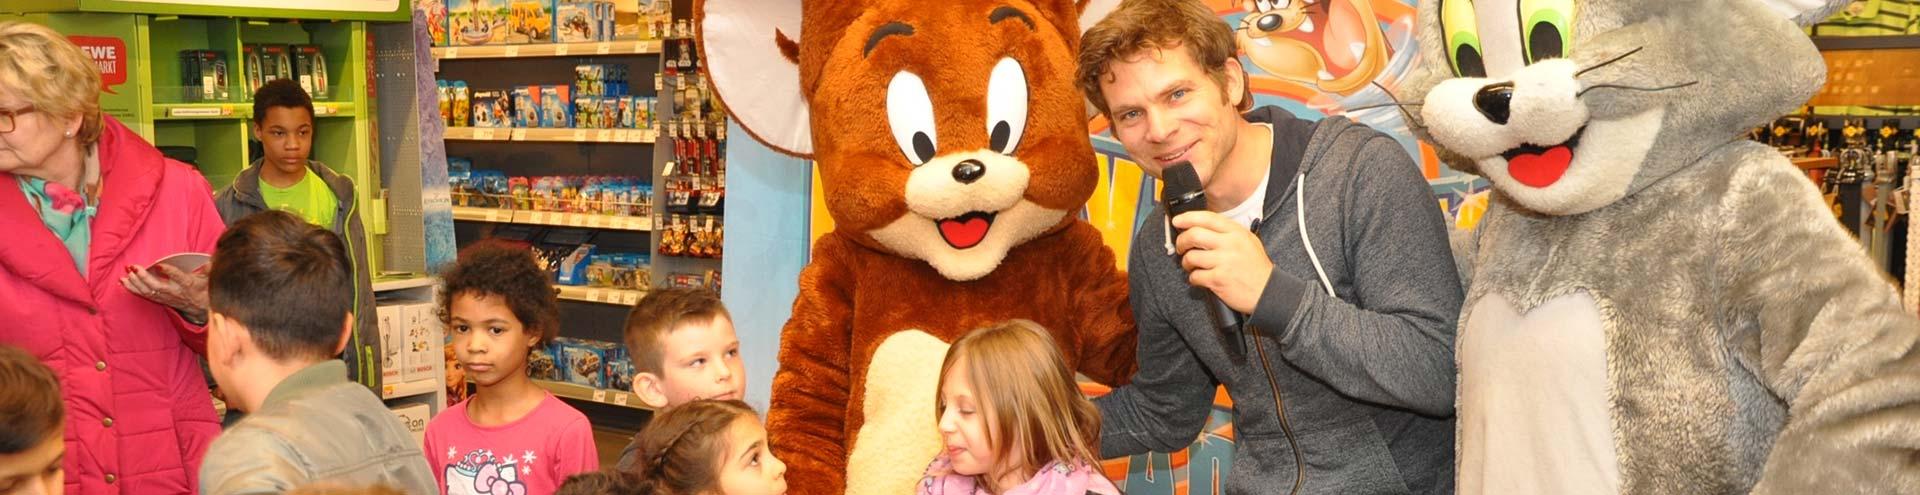 Kindermusiker aus der Eifel ♫ Uwe Reetz ♫ Uwe mit den Kindern